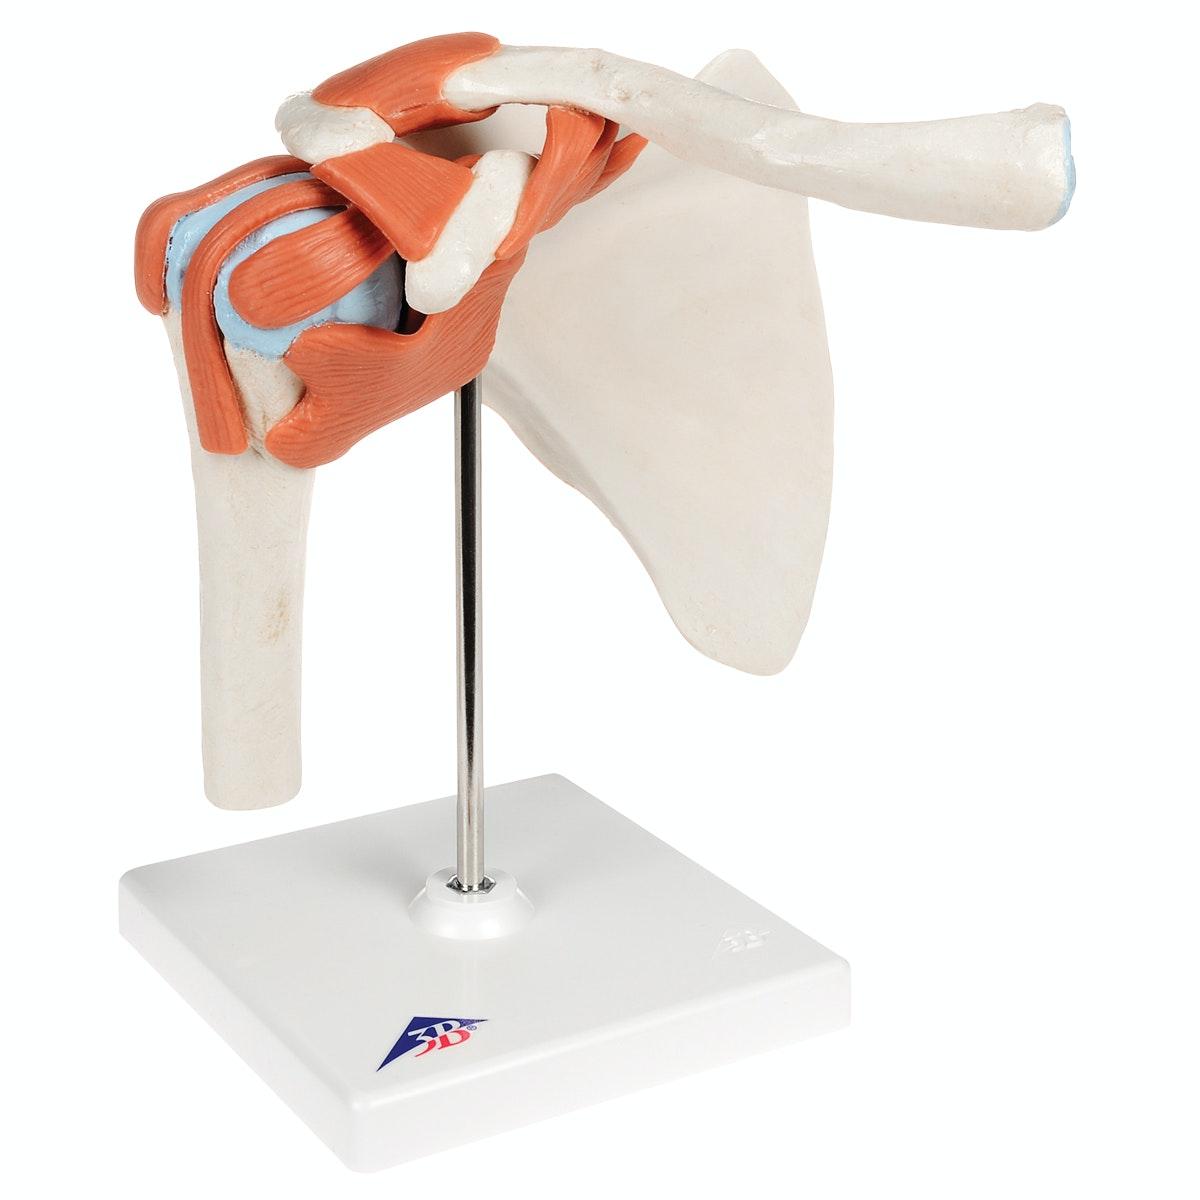 Fleksibel skuldermodel med ledbånd og farvede ledflader